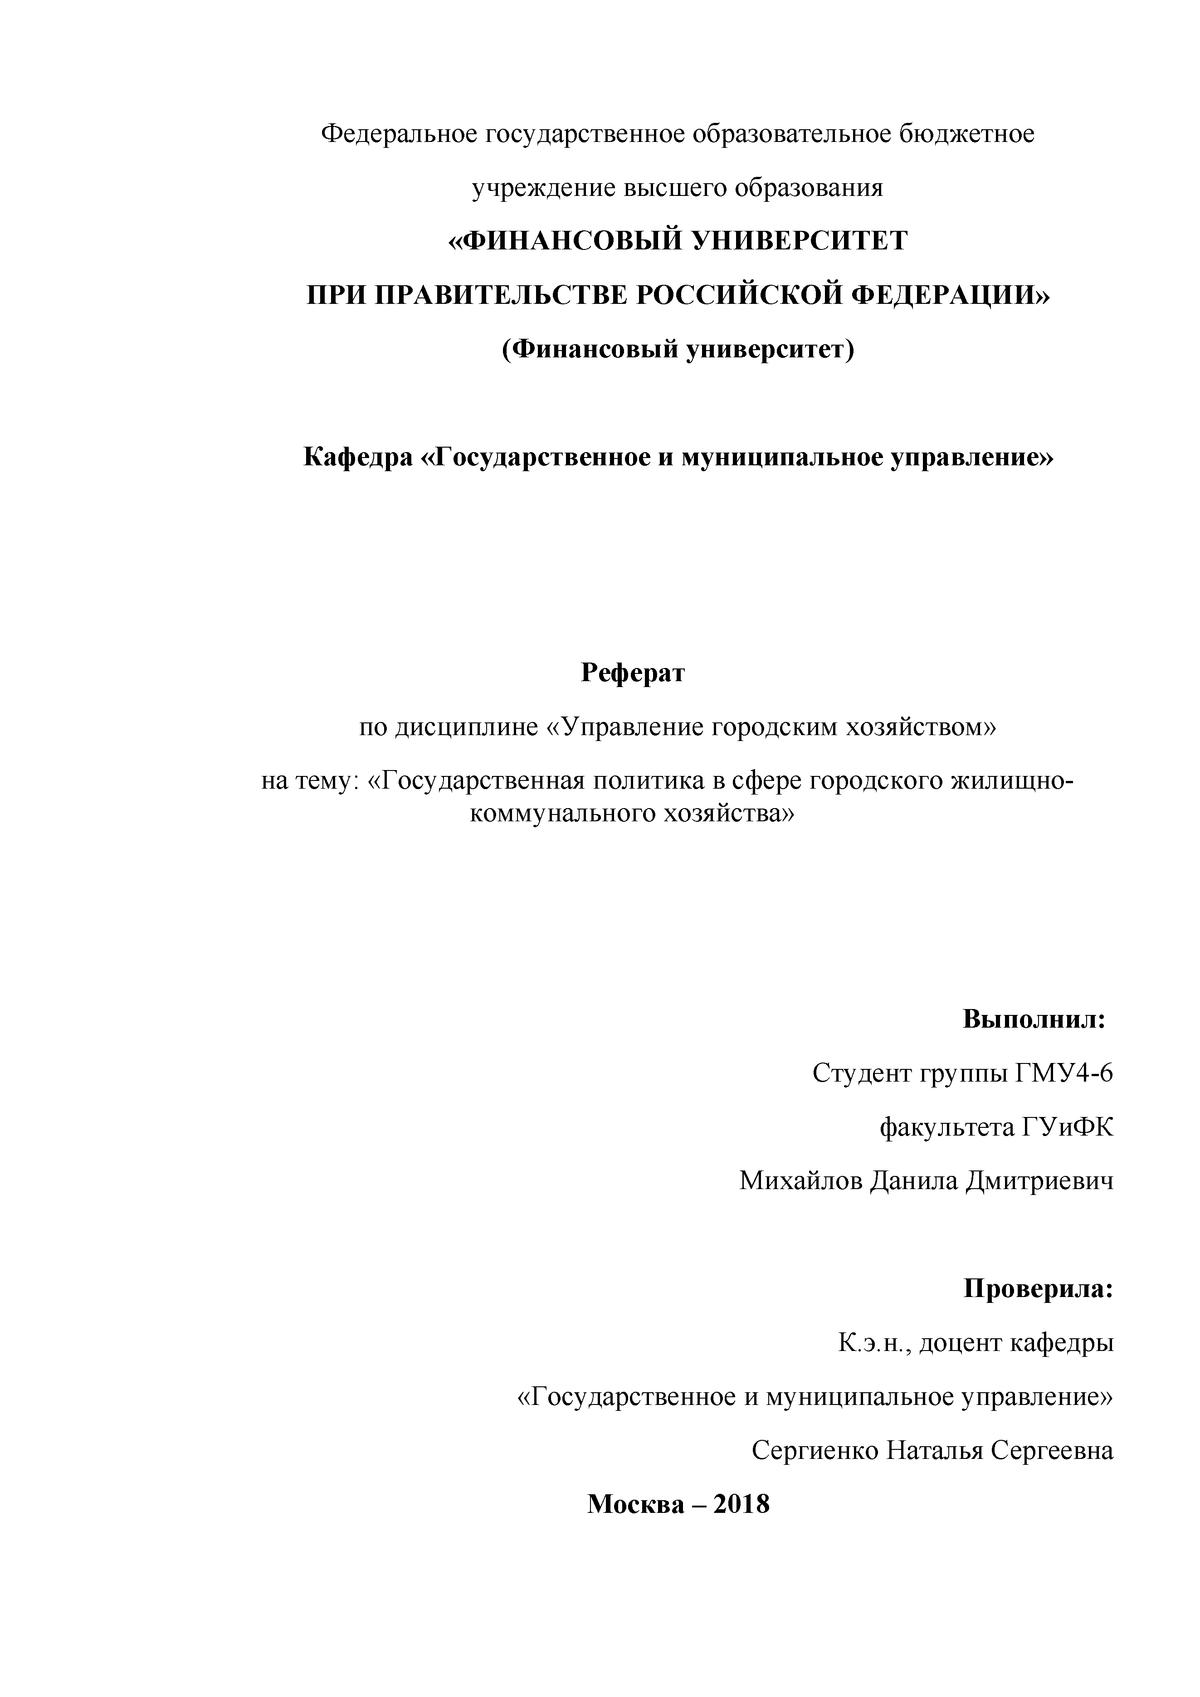 Реферат государственное и муниципальное управление 3219